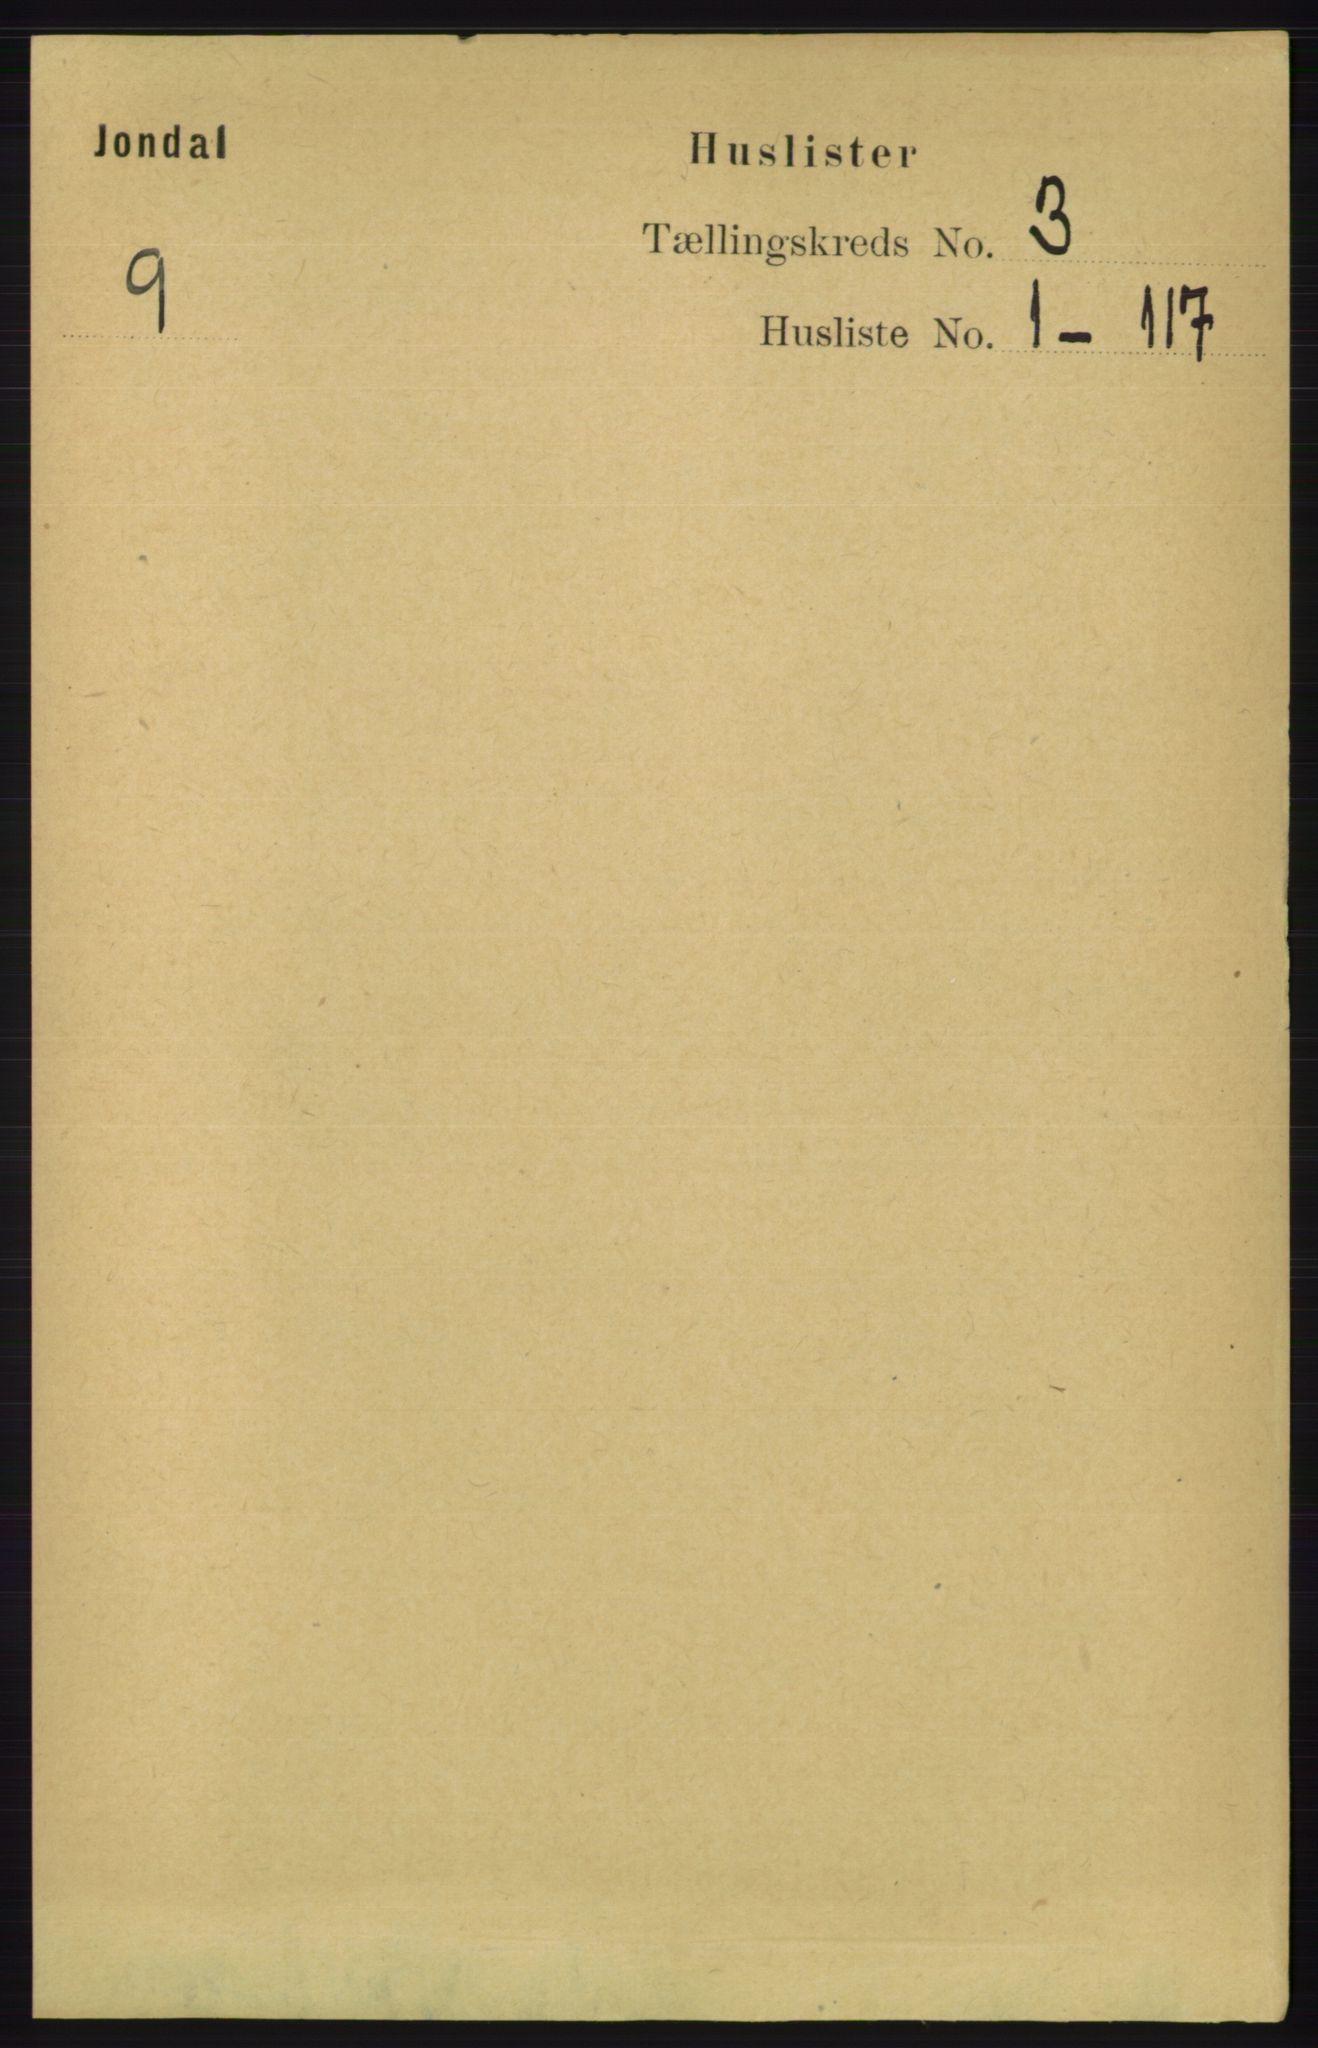 RA, Folketelling 1891 for 1227 Jondal herred, 1891, s. 1178